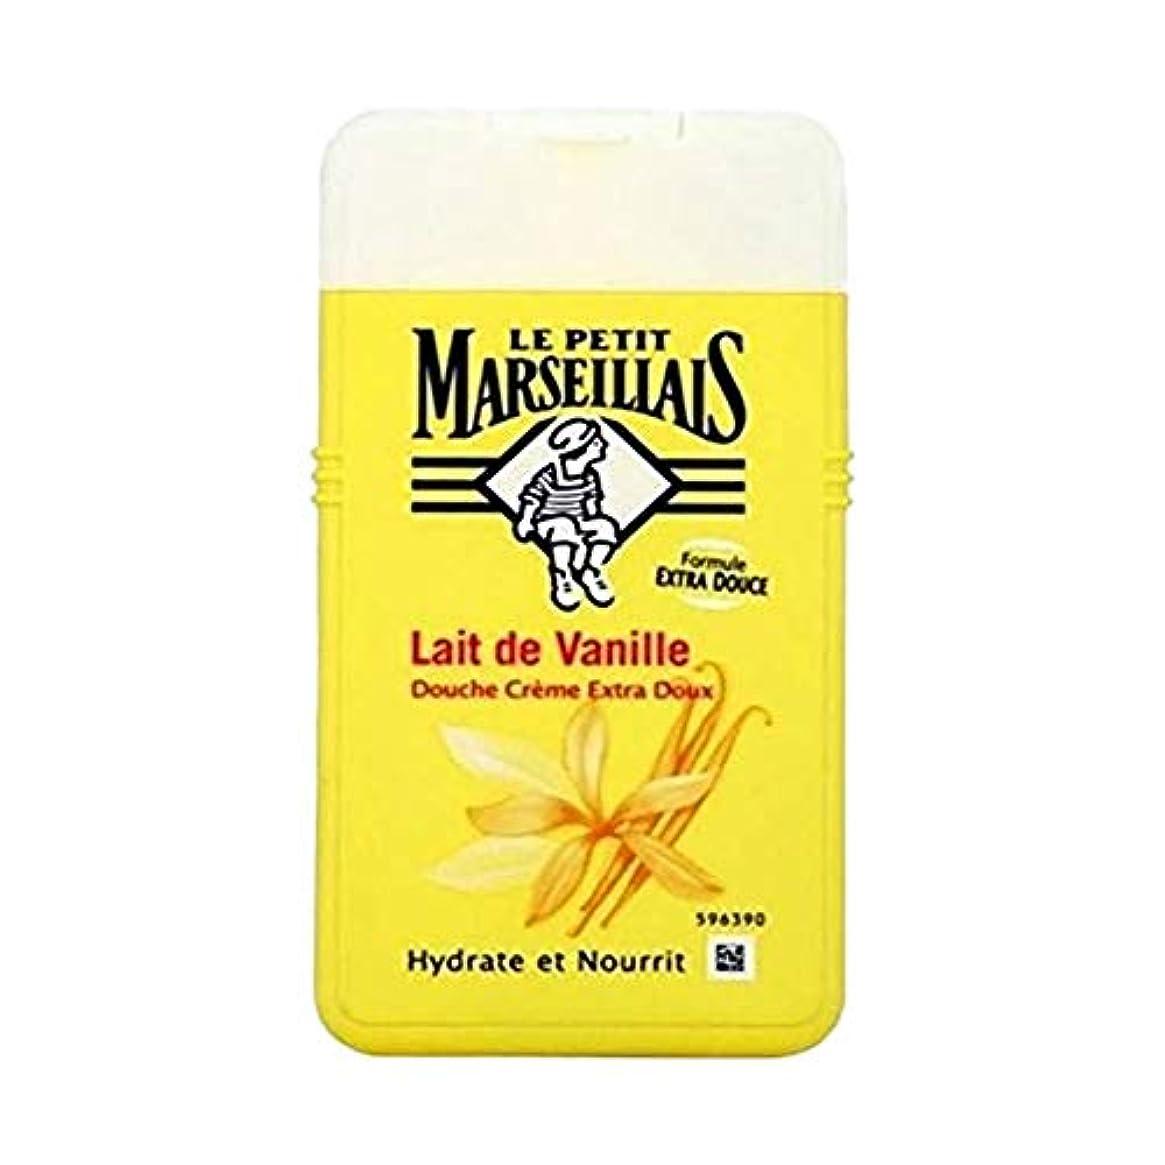 オリエンタル抑制またね「バニラミルク」 シャワークリーム フランスの「ル?プティ?マルセイユ (Le Petit Marseillais)」 250ml ボディウォッシュ